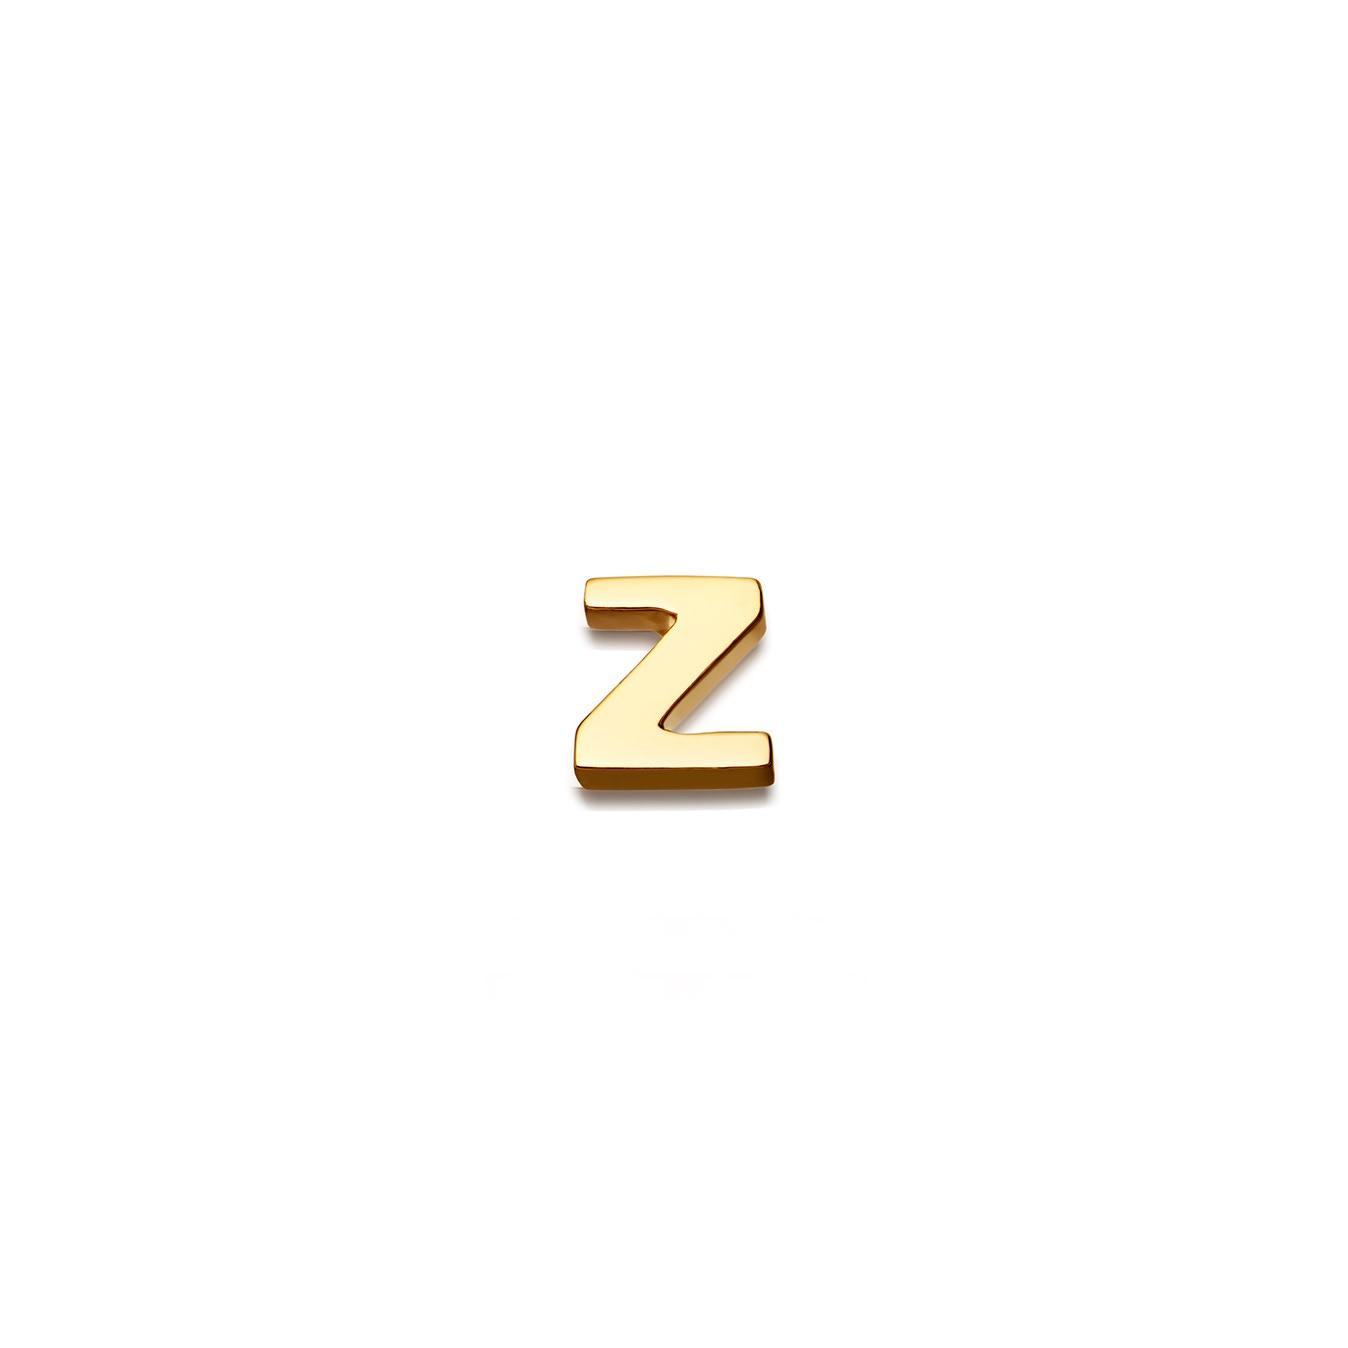 Initial 'Z' Biography Pin